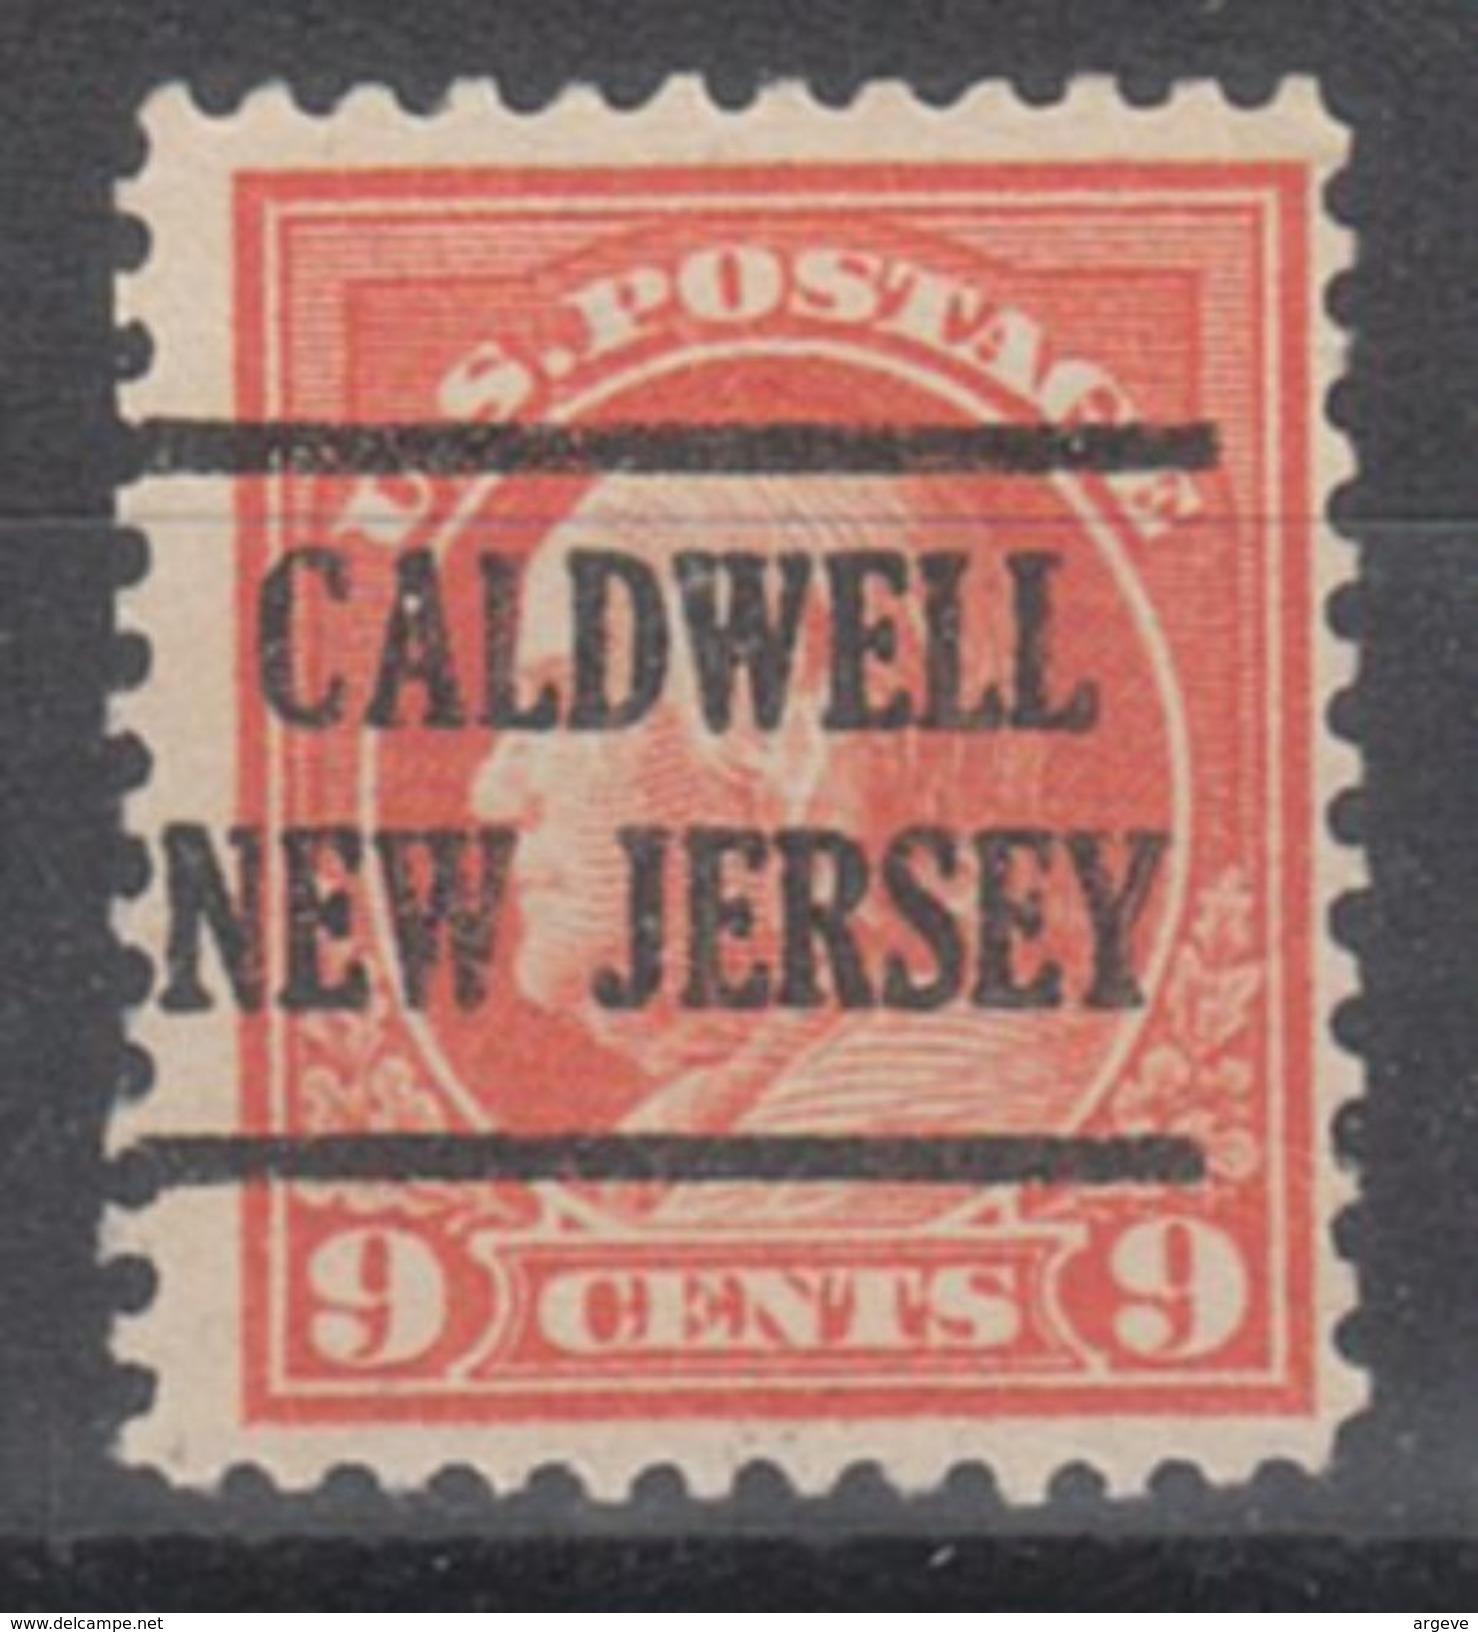 USA Precancel Vorausentwertungen Preo, Locals New Jersey, Caldwell 225, Perf. 11x11 - Vorausentwertungen